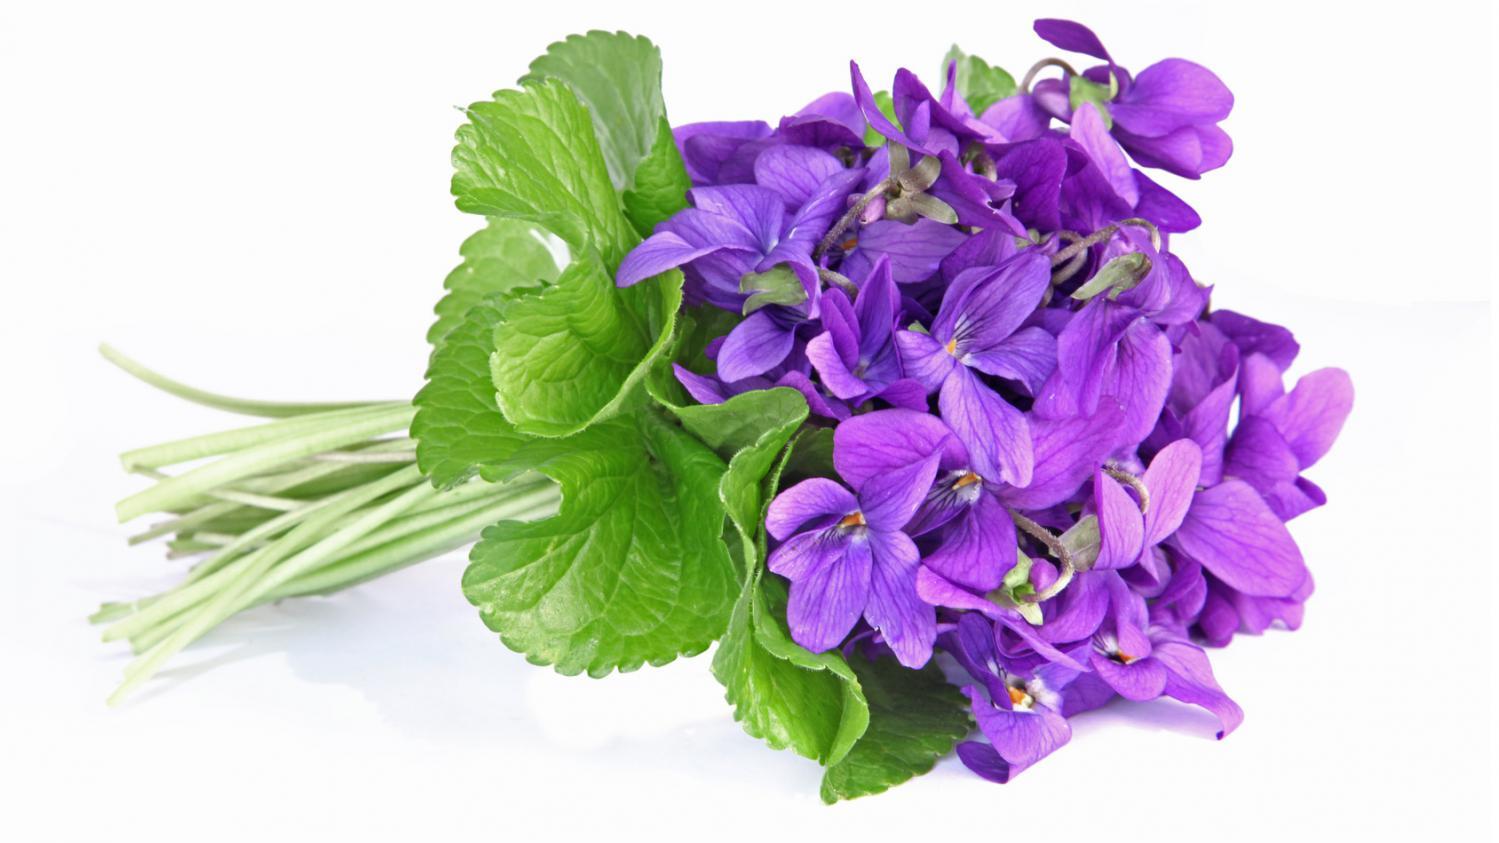 Une fleur de saison la violette comestible et d corative - Image fleur violette gratuite ...